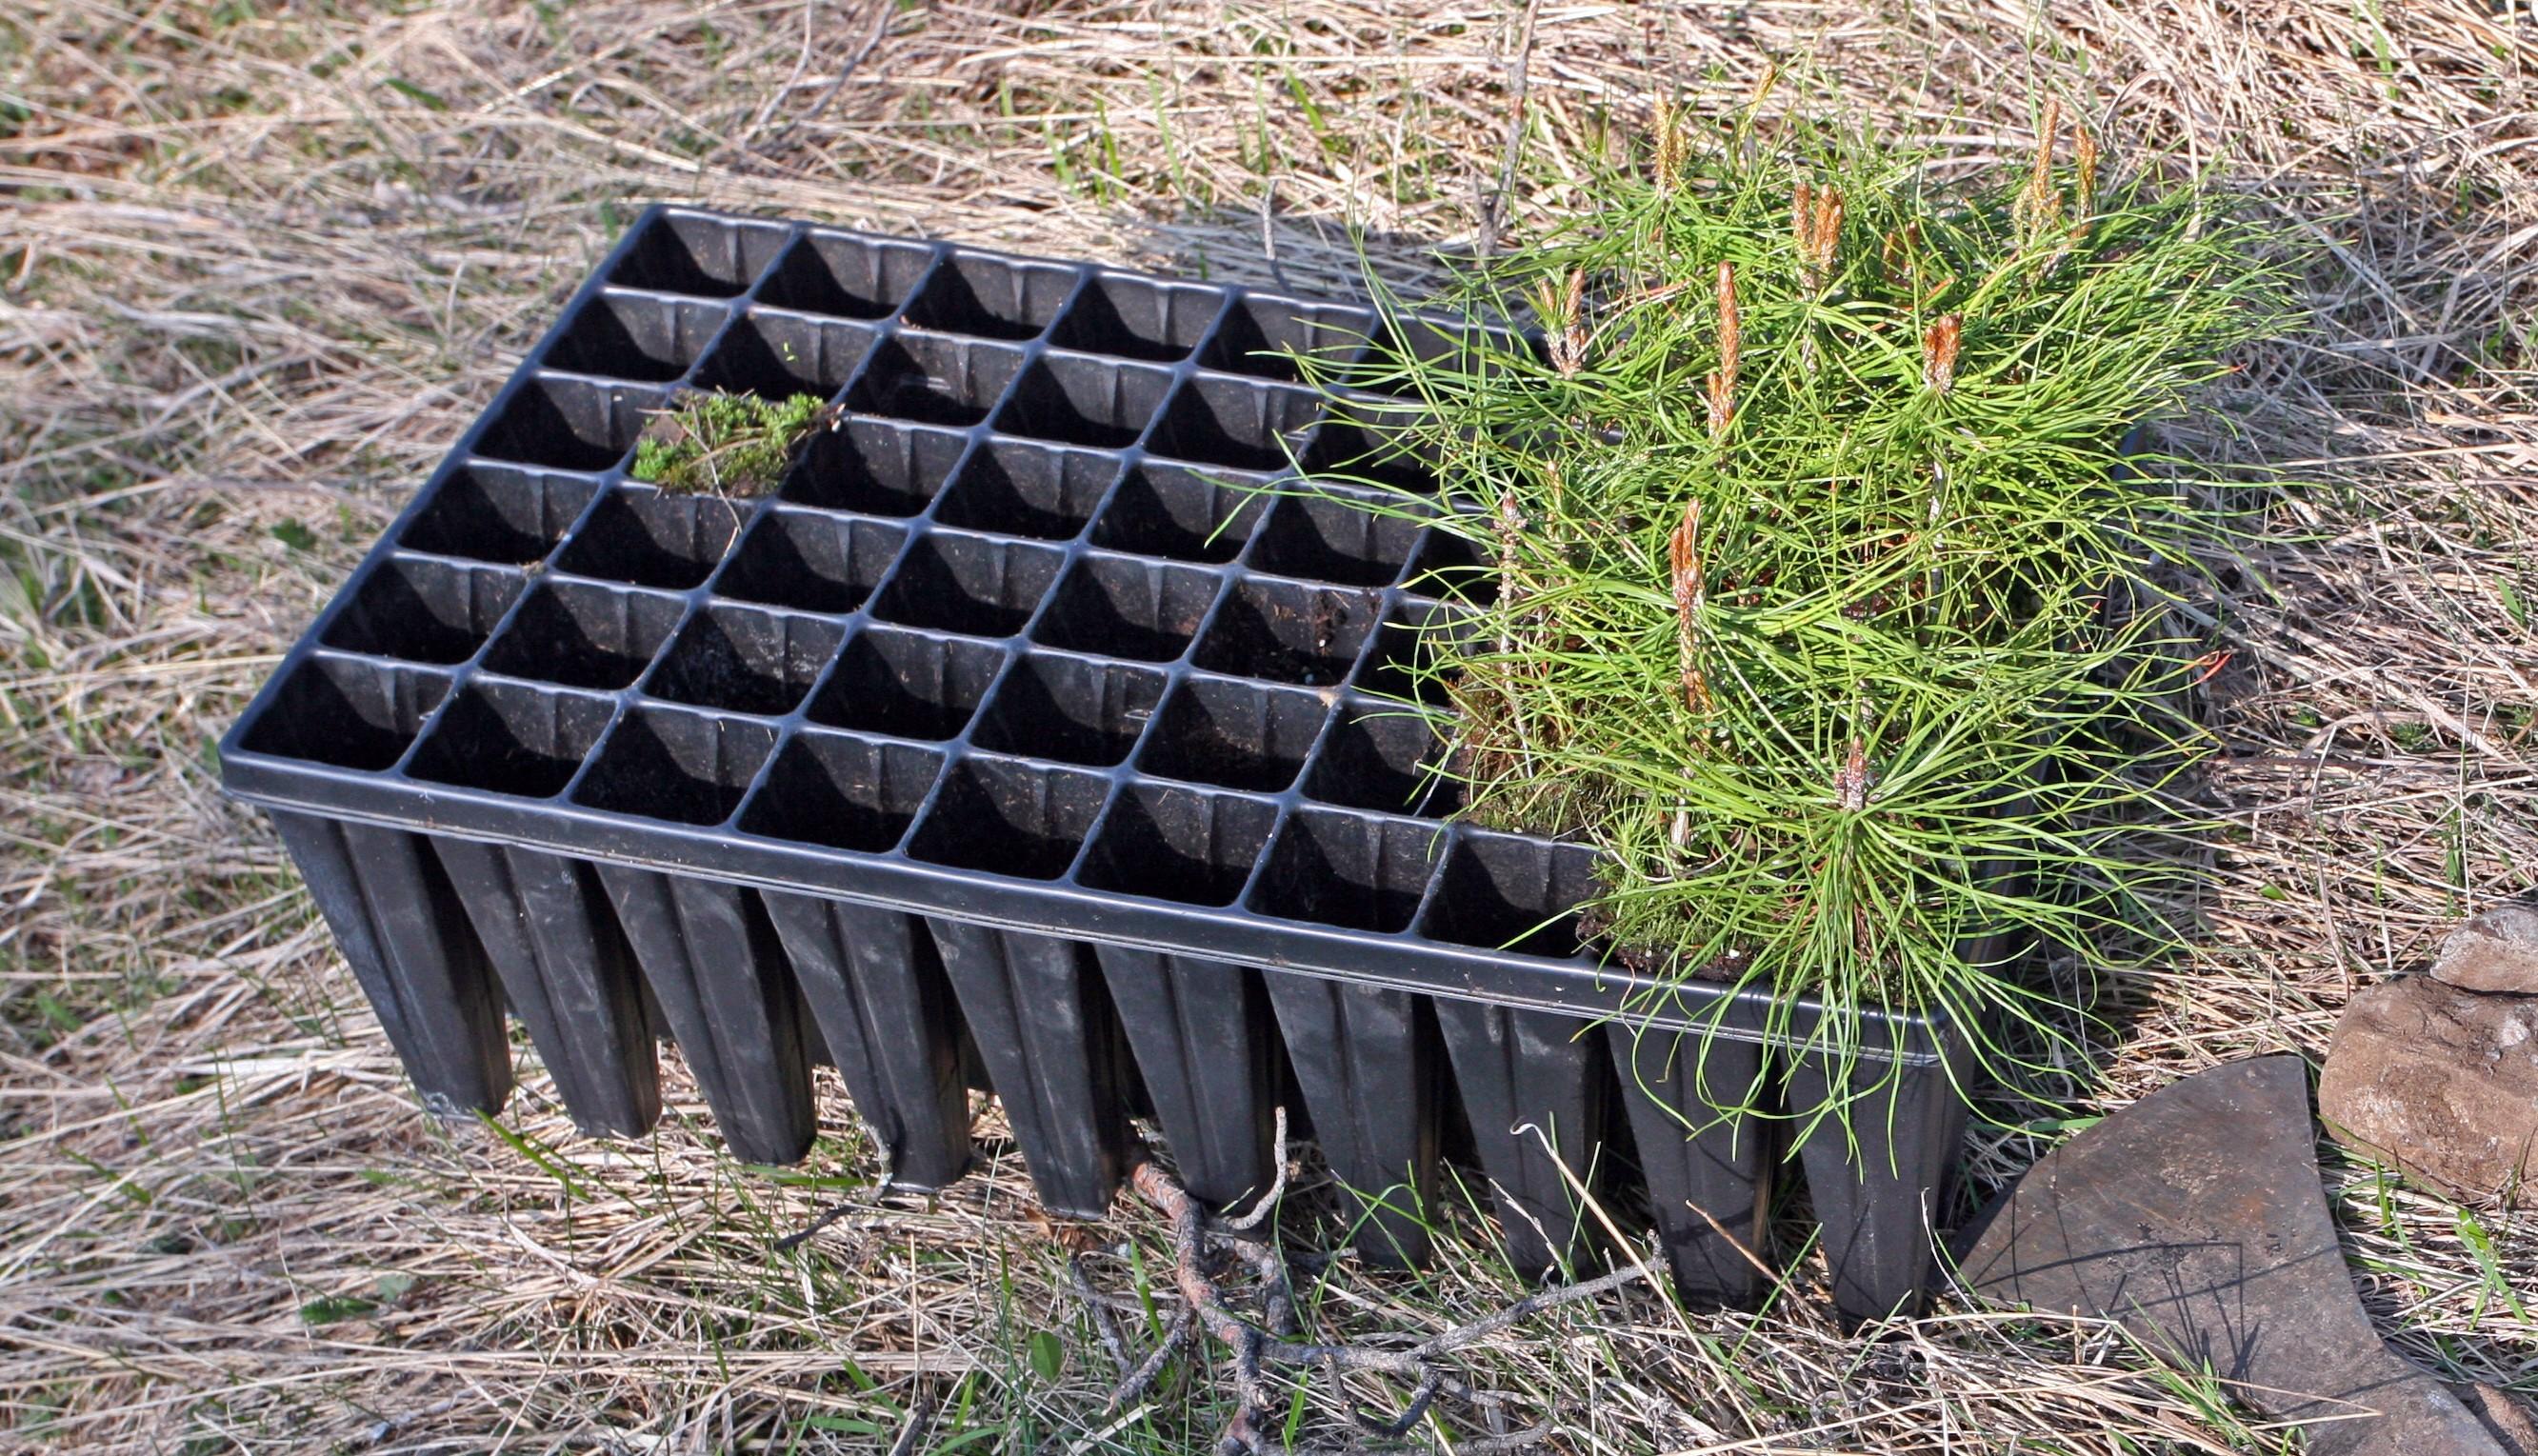 Containerpflanzen